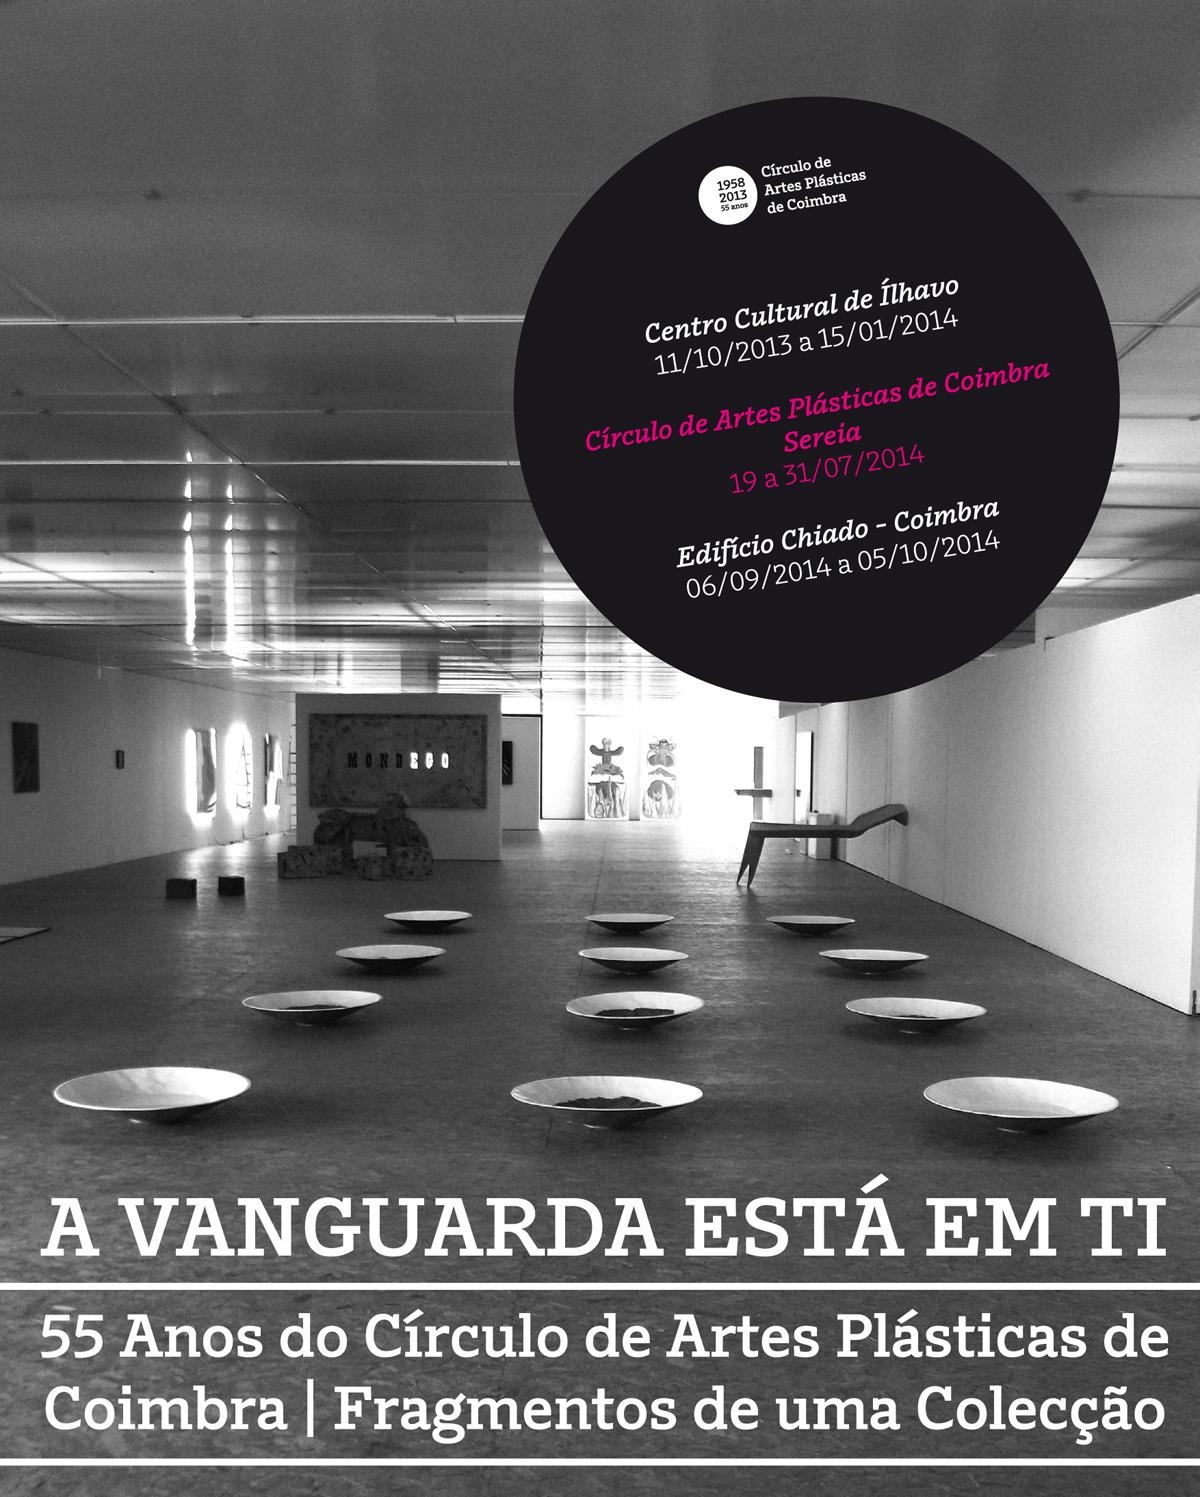 Cartaz das exposições A VANGUARDA ESTÁ EM TI, no Centro Cultural de Ílhavo, no Círculo Sereia e no Museu Municipal Edifício Chiado